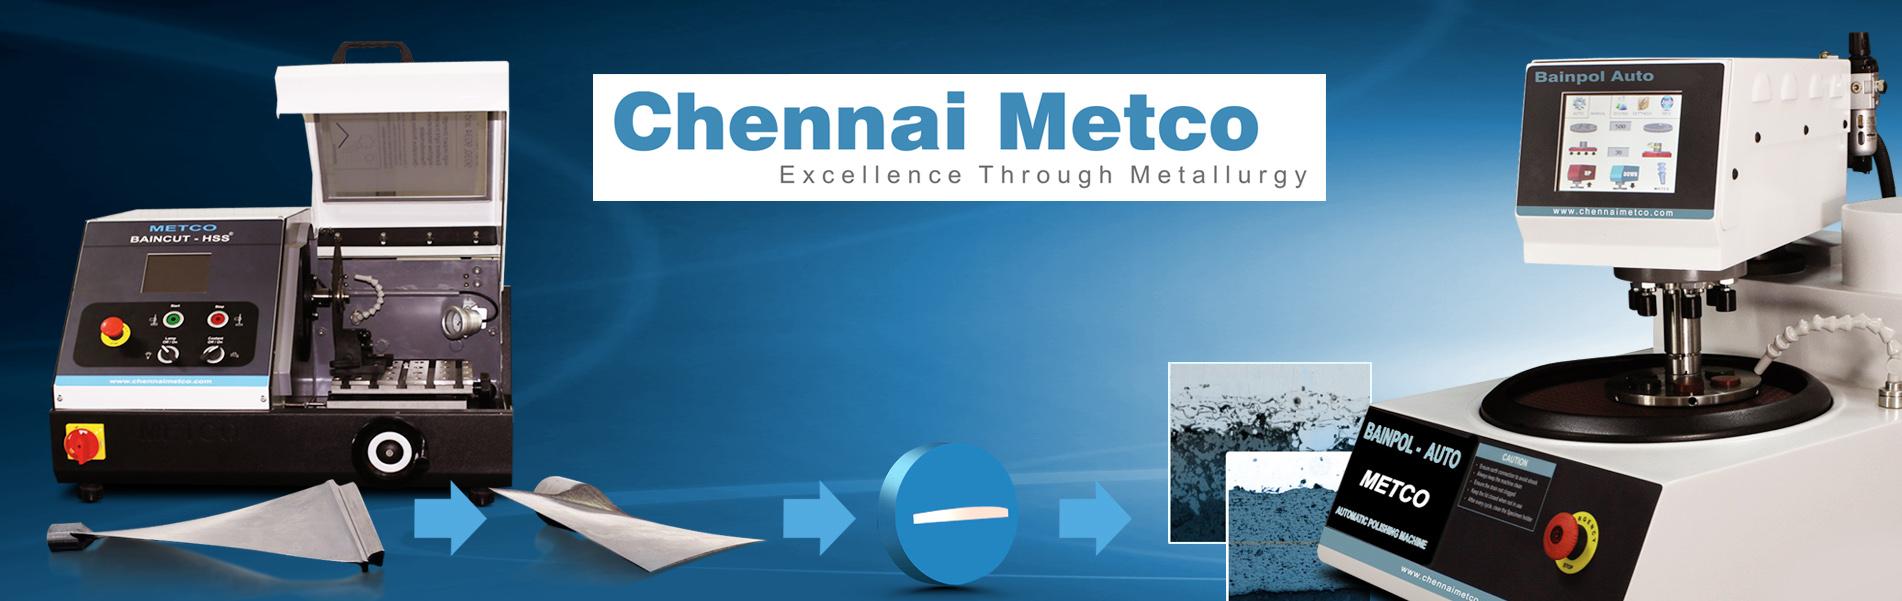 Banner_Site_2015_Chennai_3